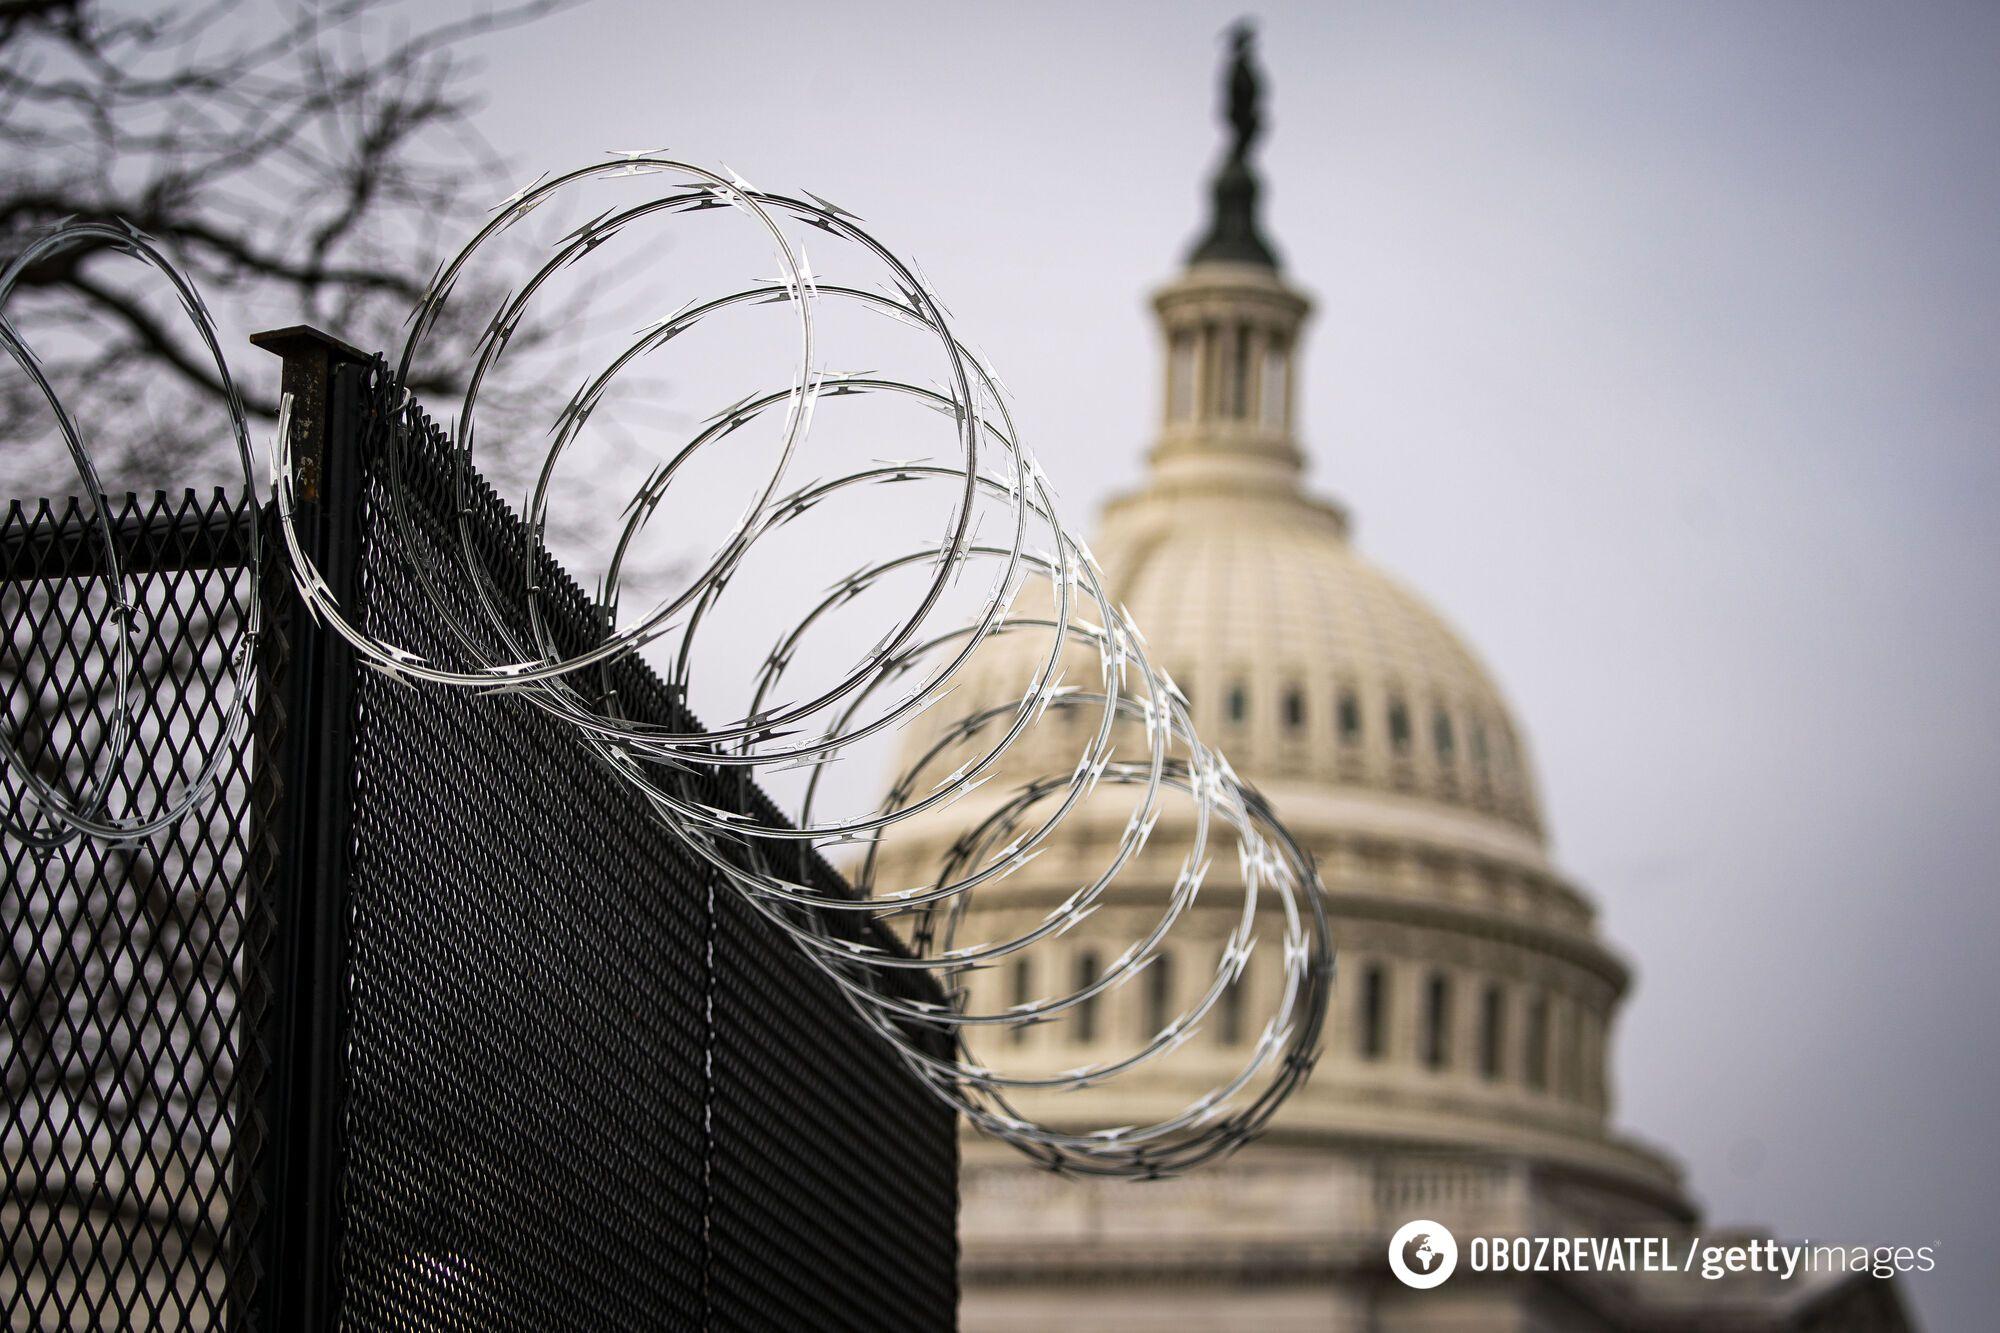 Вашингтон буде зберігати посилені заходи безпеки навіть після інавгурації